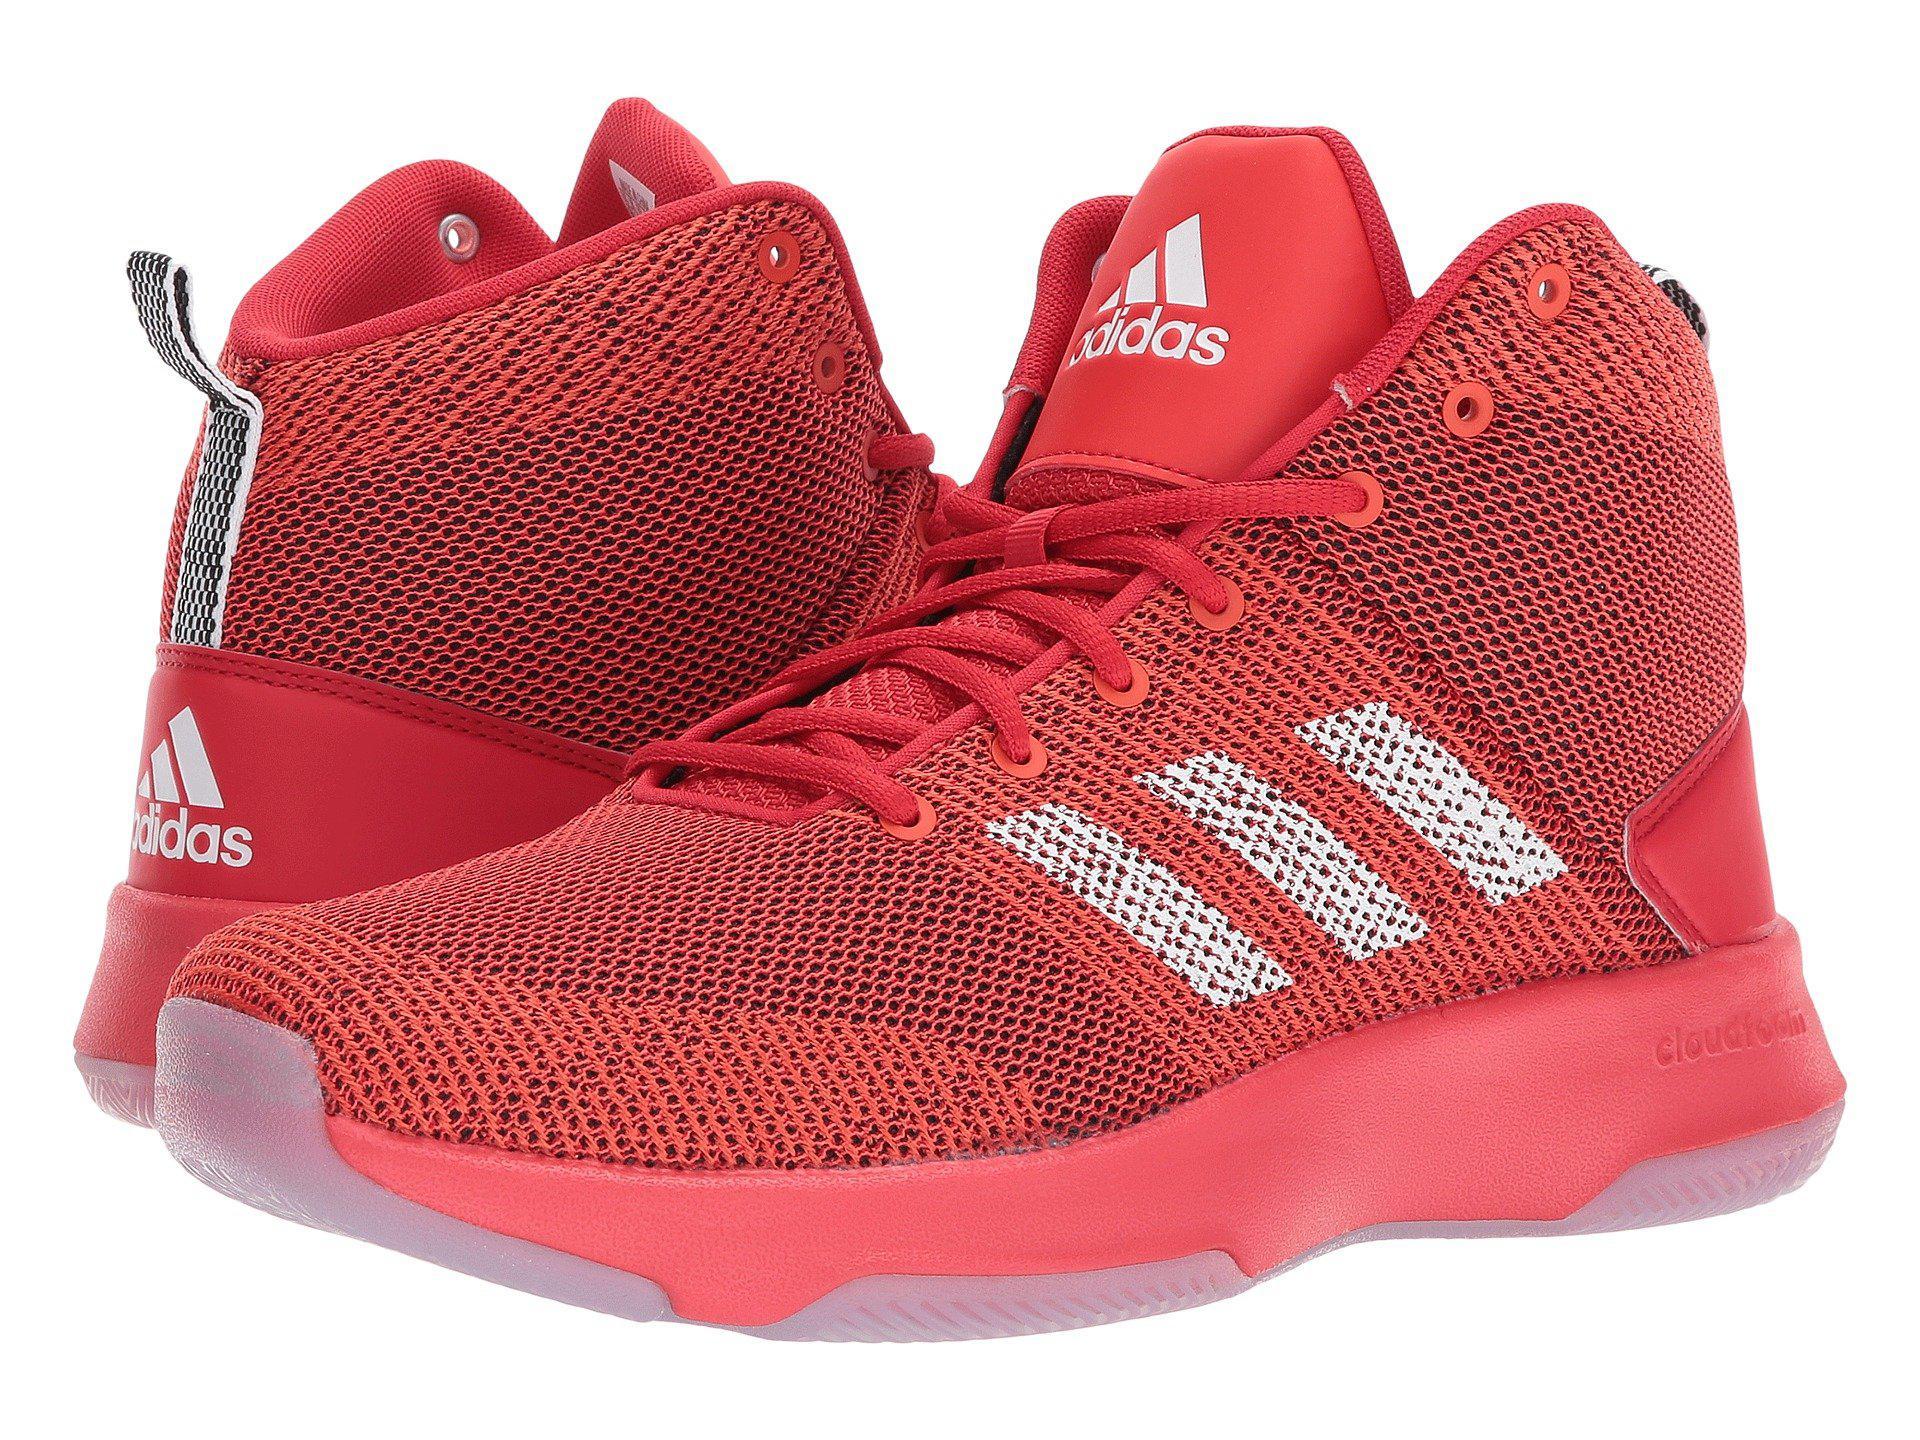 lyst adidas cloudfoam esecutore metà in rosso per gli uomini.